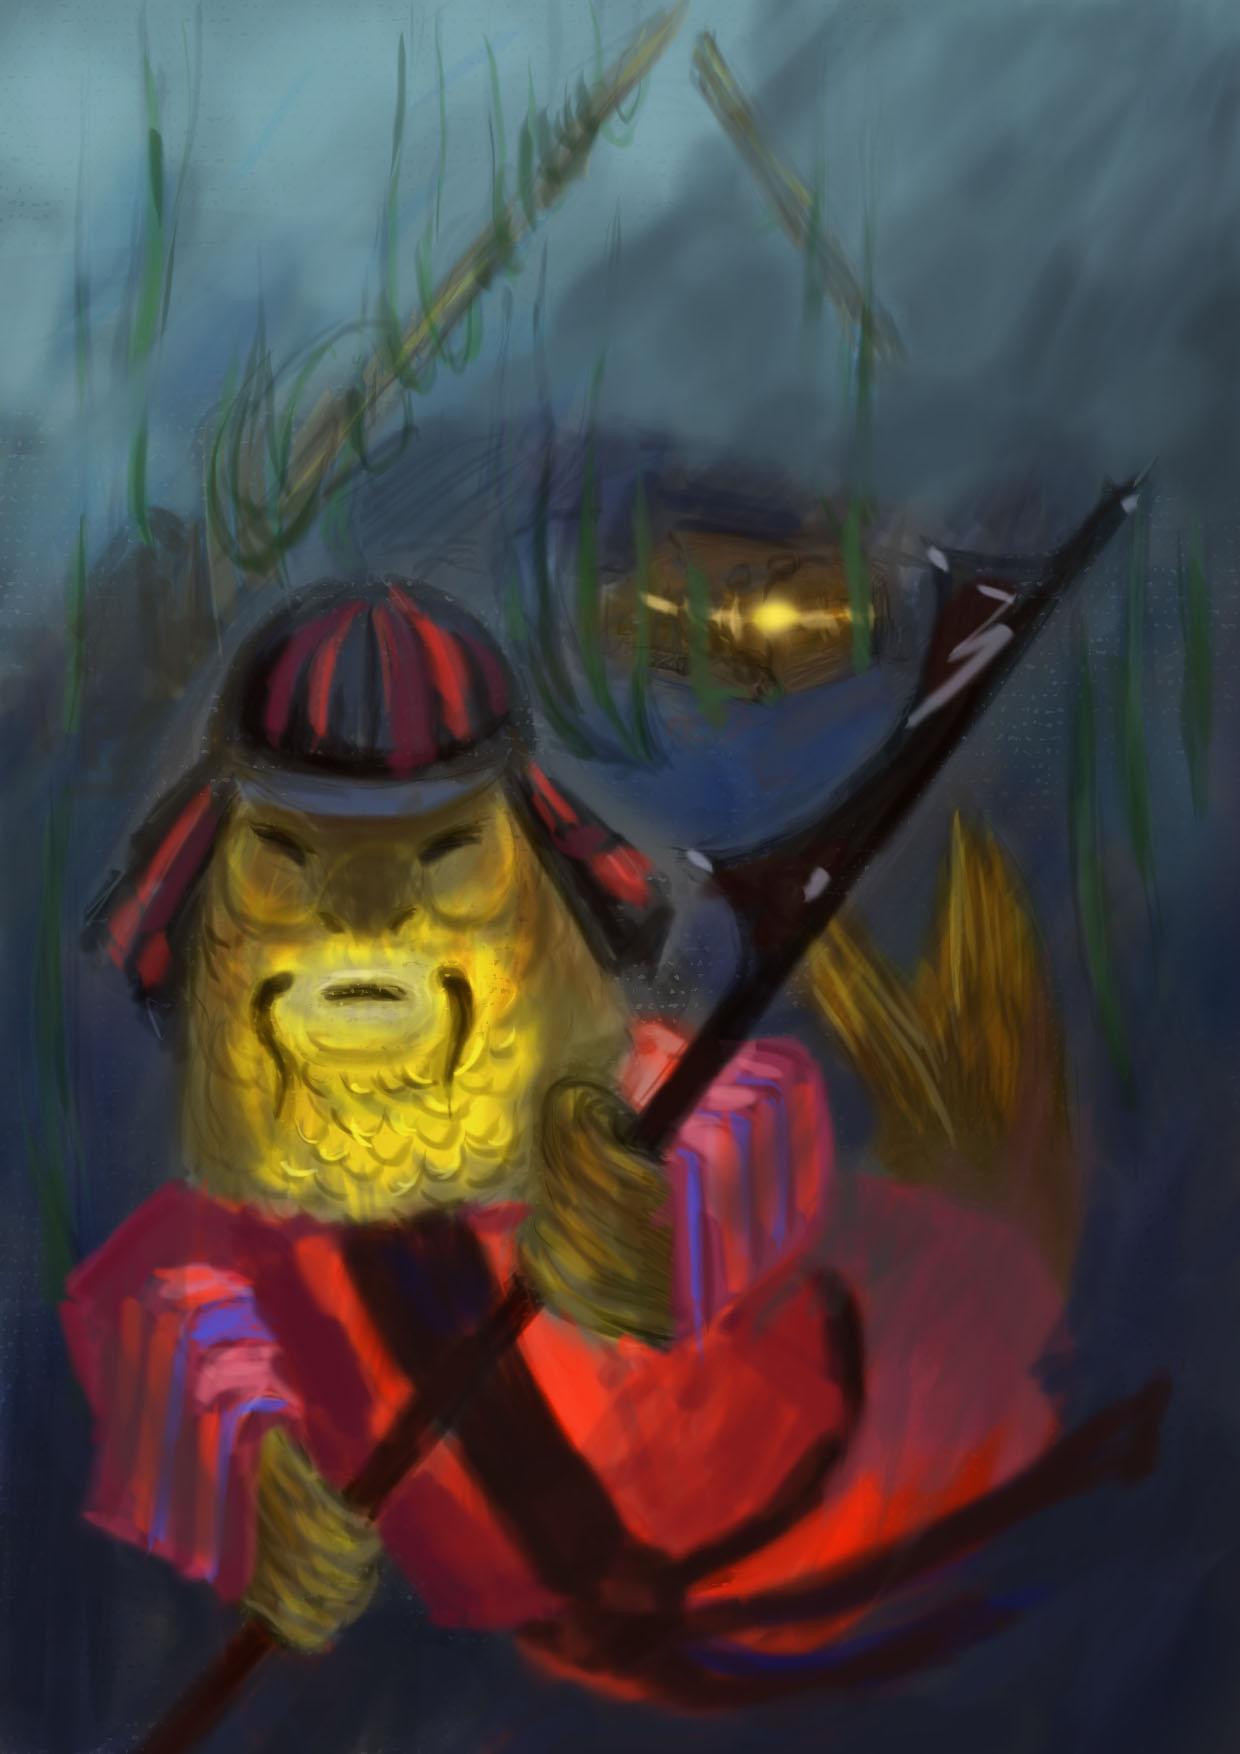 японский карп воин охраняет волшебную шкатулку в мельничном пруде.jpg